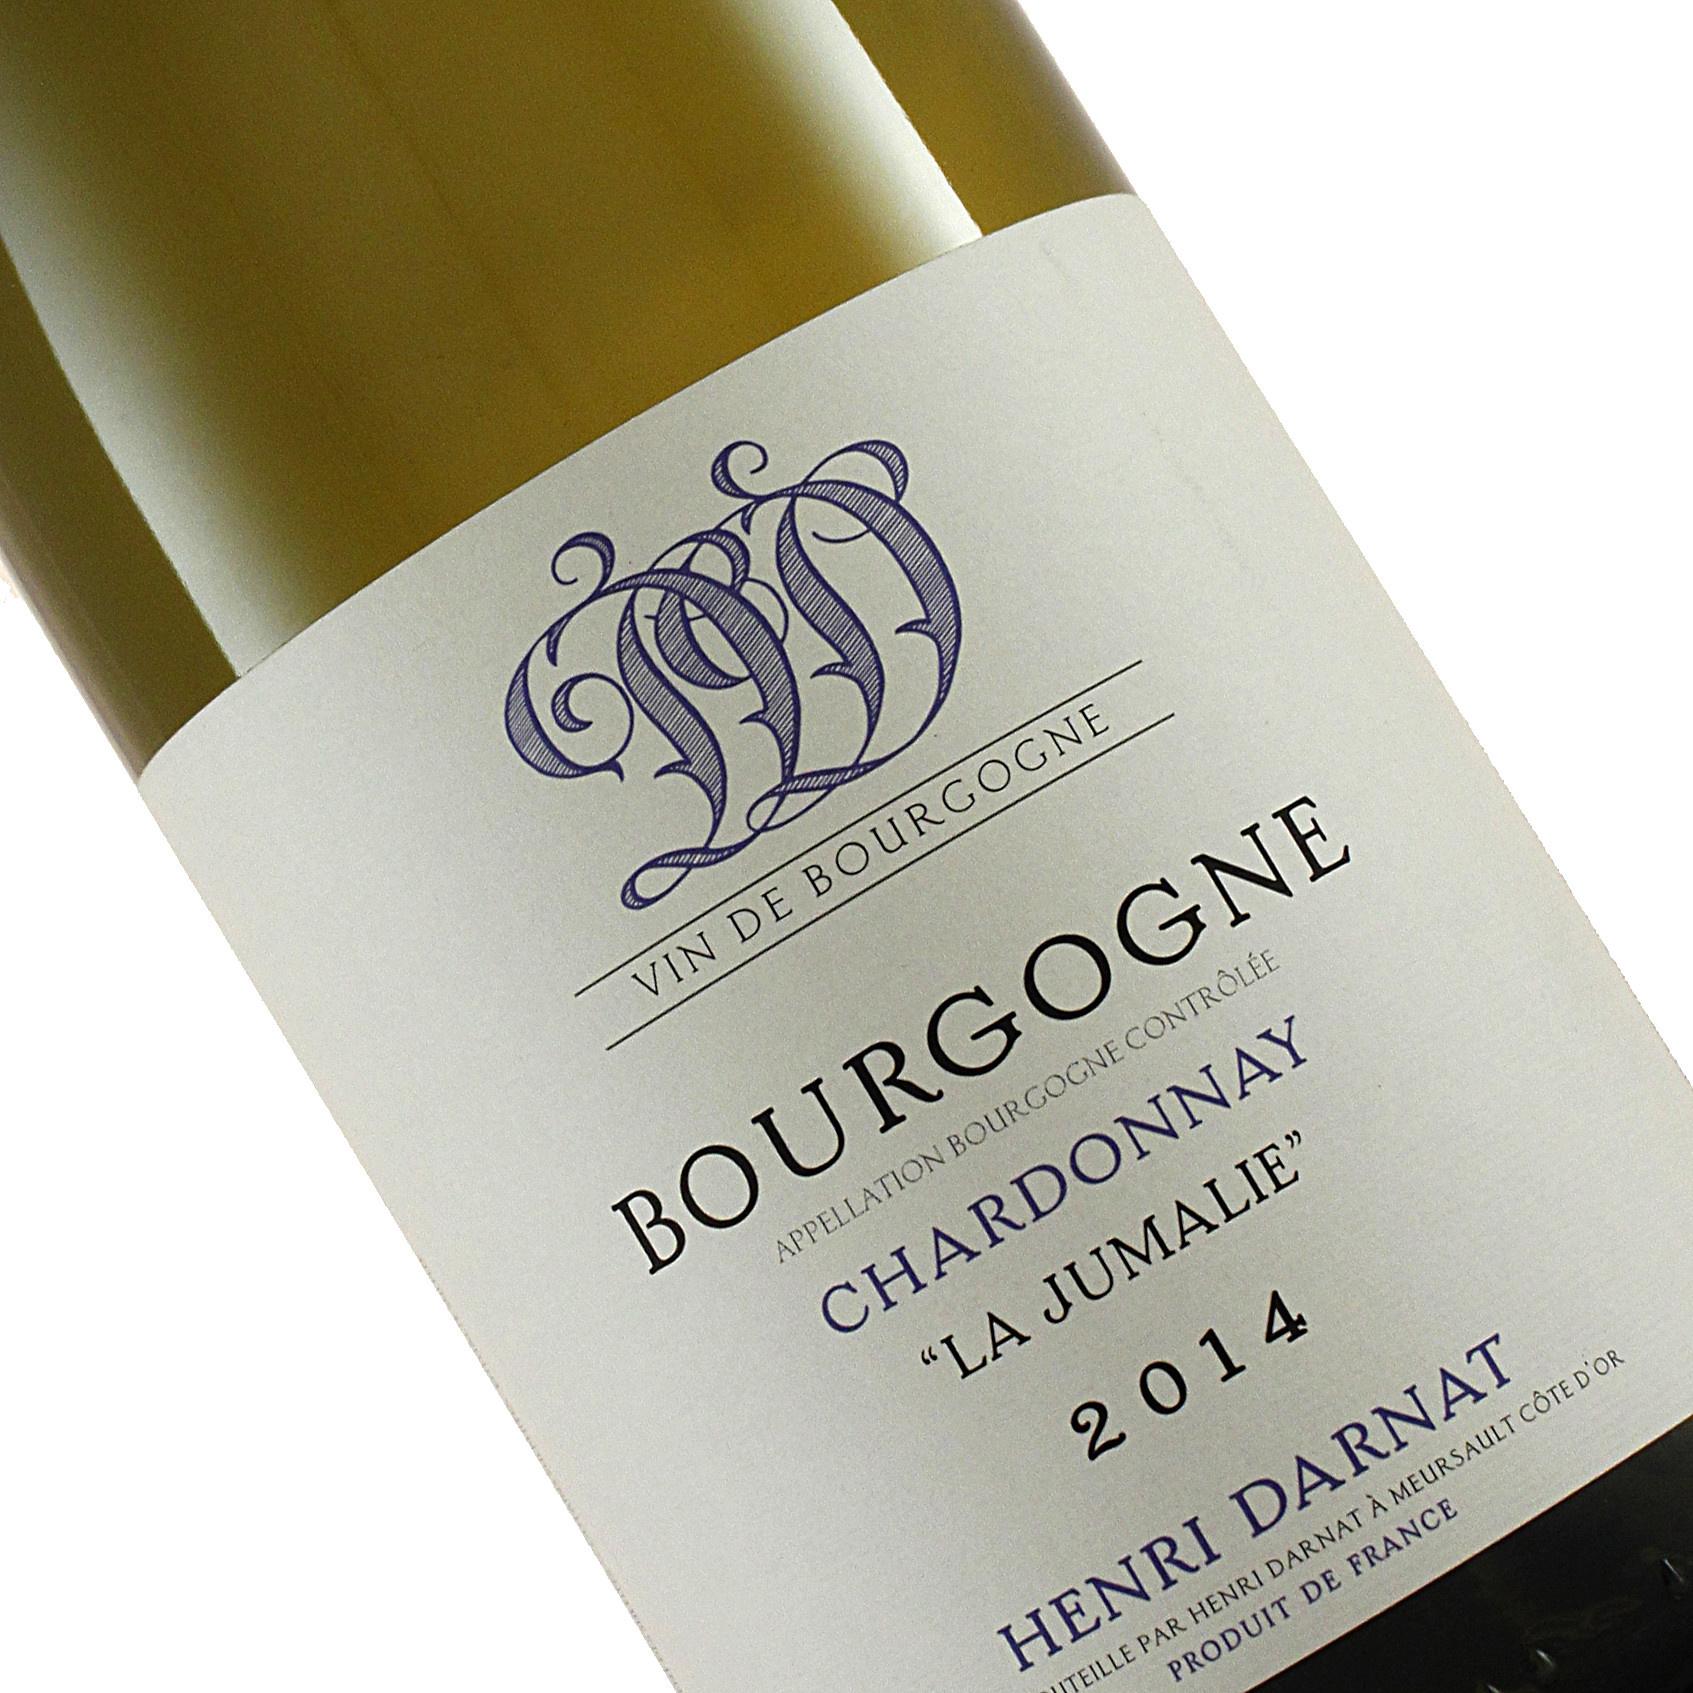 """Henri Darnat 2014 Bourgogne """"La Jumalie"""" Chardonnay, Burgundy"""